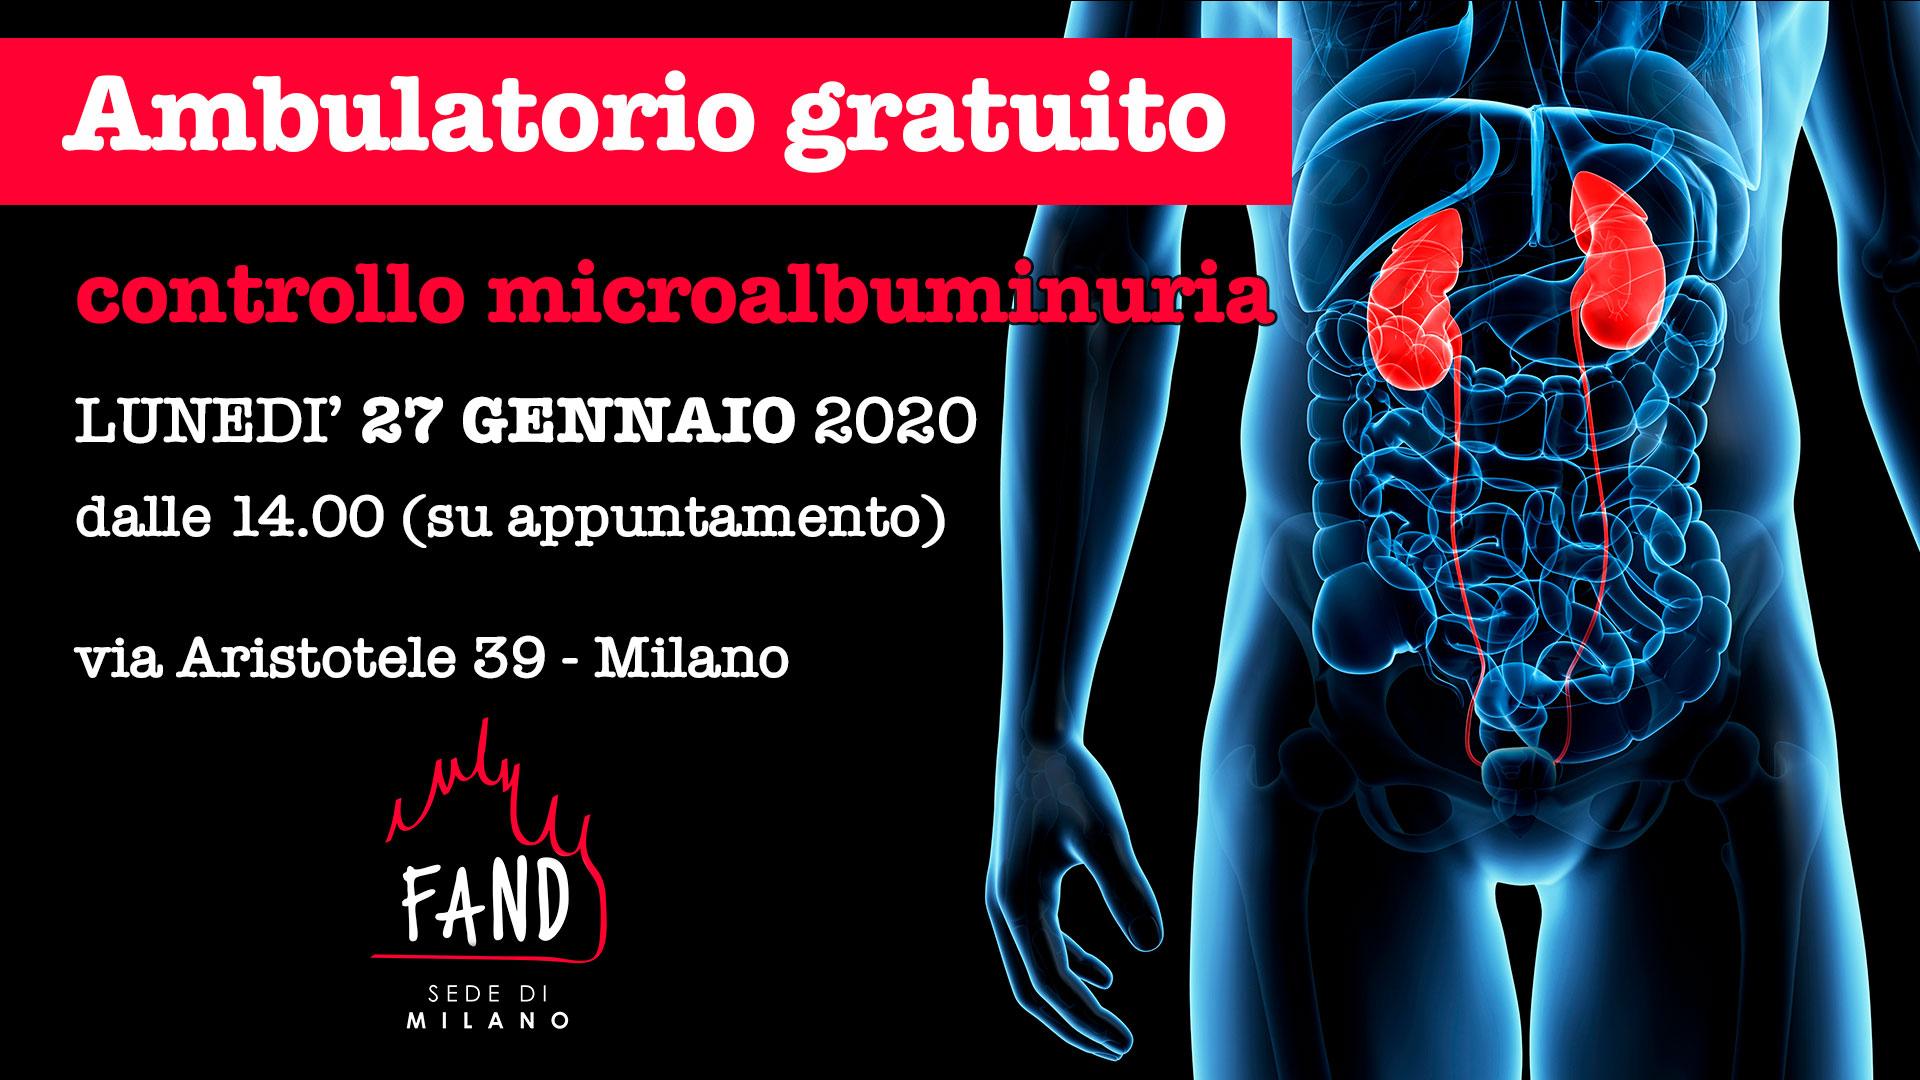 27 GEN - Ambulatorio gratuito controllo microalbuminuria